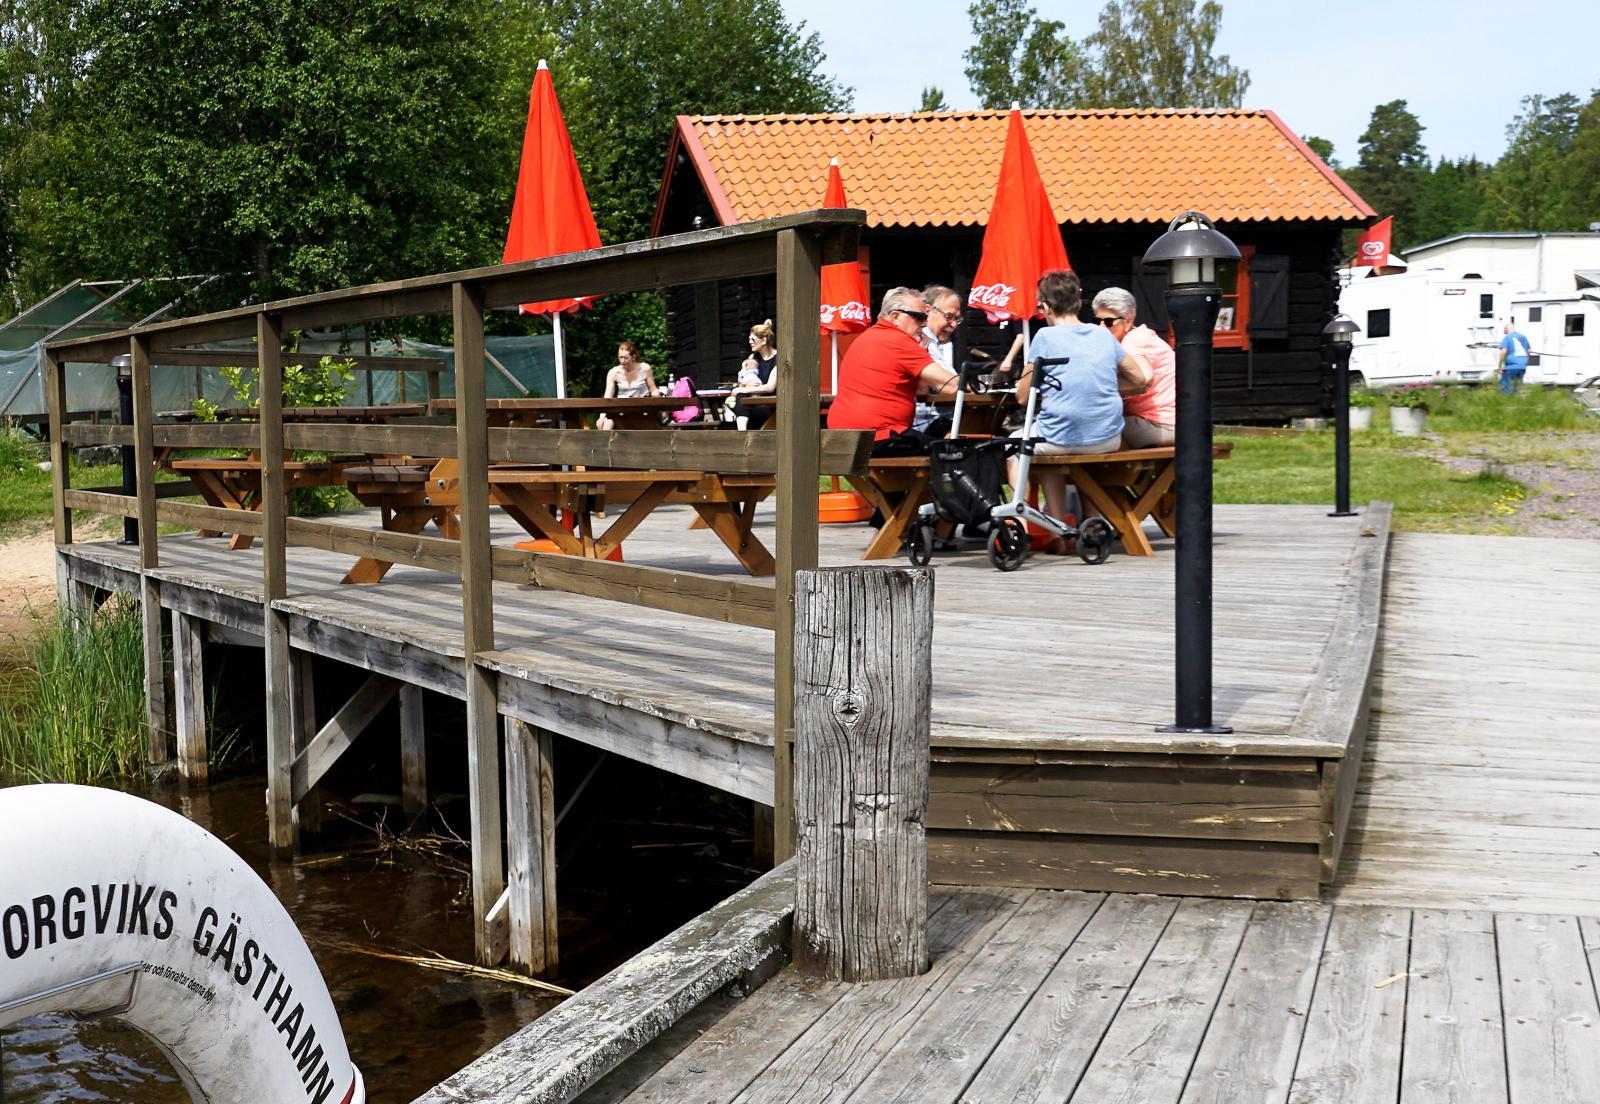 Ställplatsen i Borgvik ligger alldeles nere vid Borgvikssjöns strand med hamncaféet som närmaste granne.